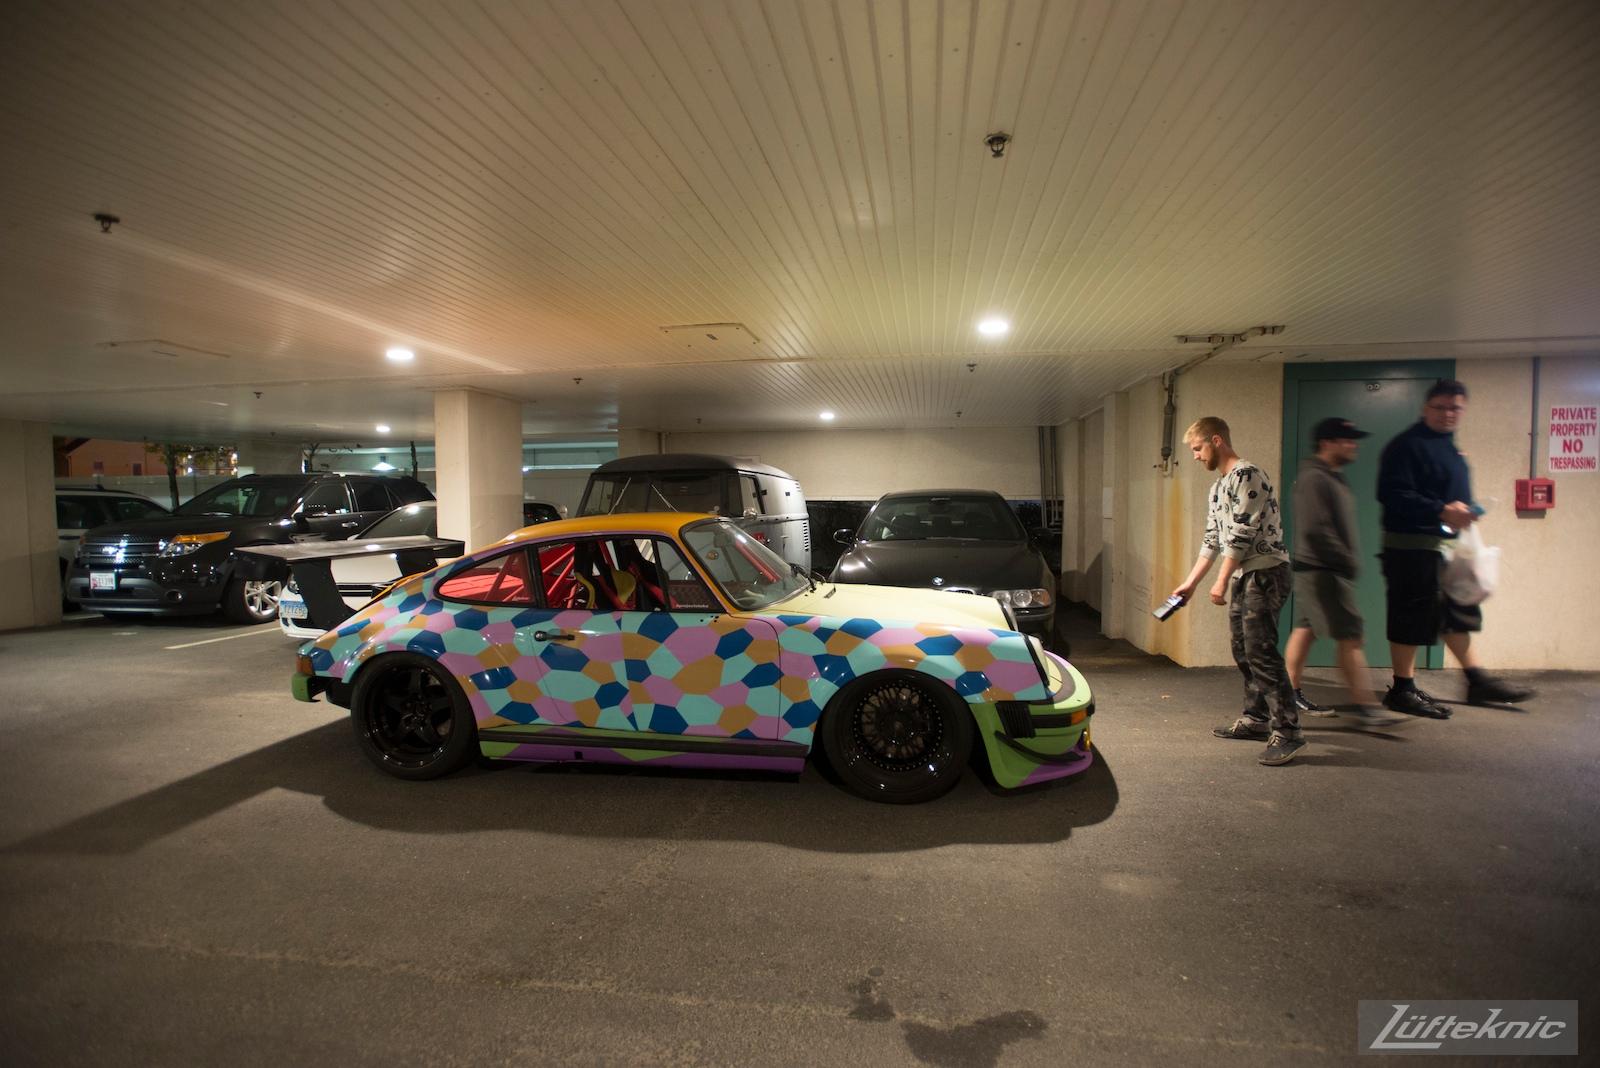 An impromptu 3am photo shoot for the Lüfteknic #projectstuka Porsche 930 Turbo